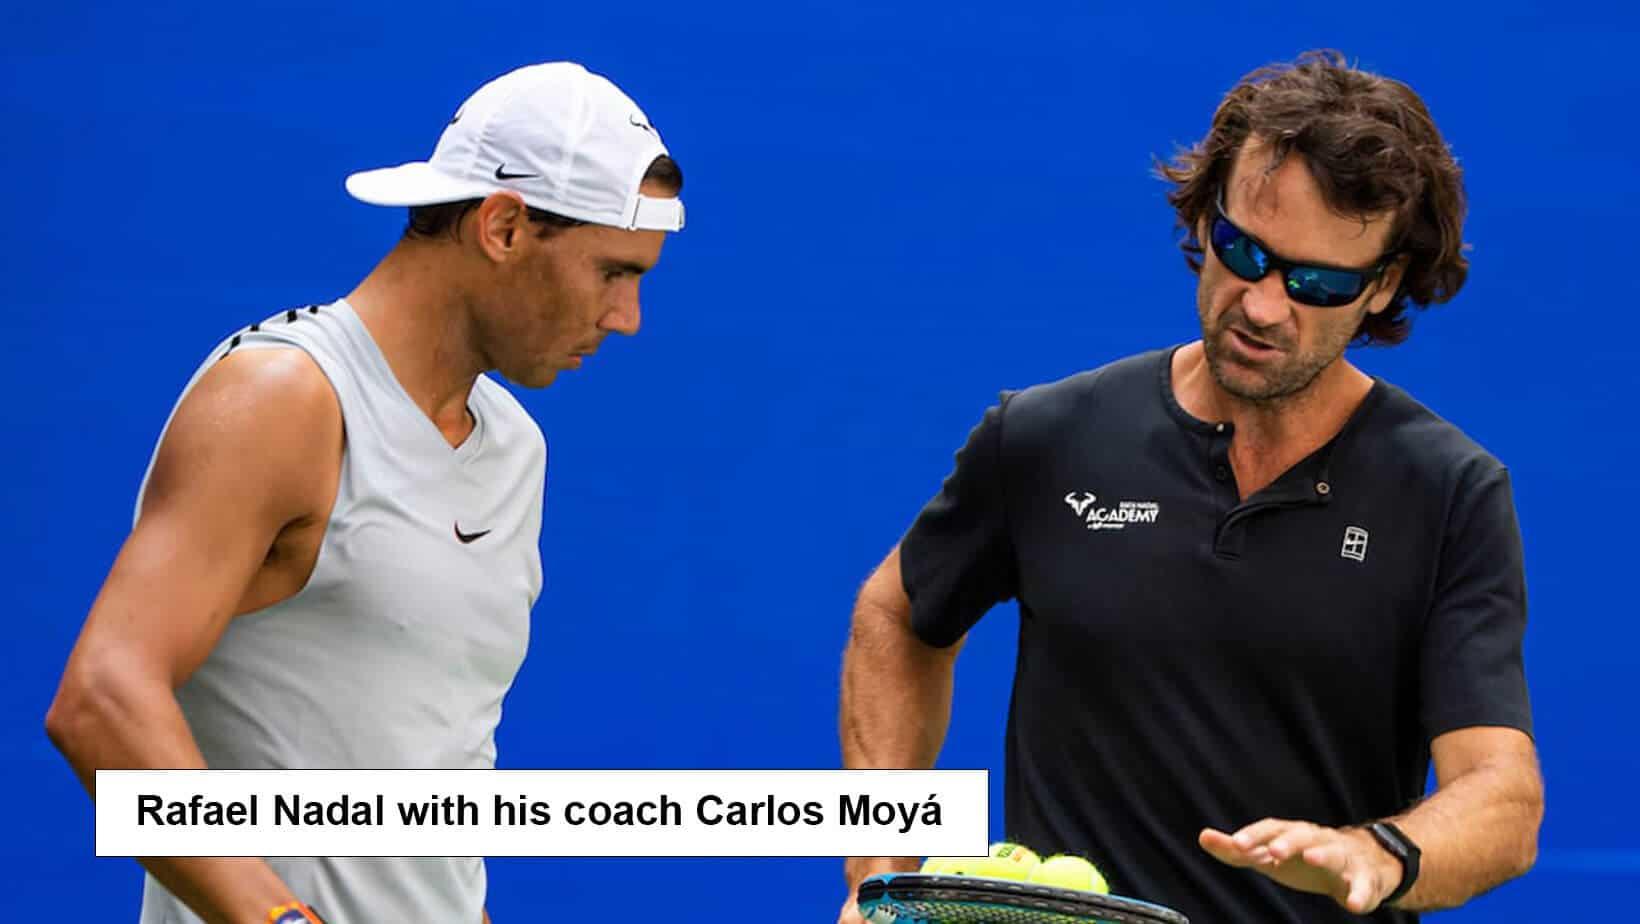 Rafael Nadal with his coach Carlos Moyá